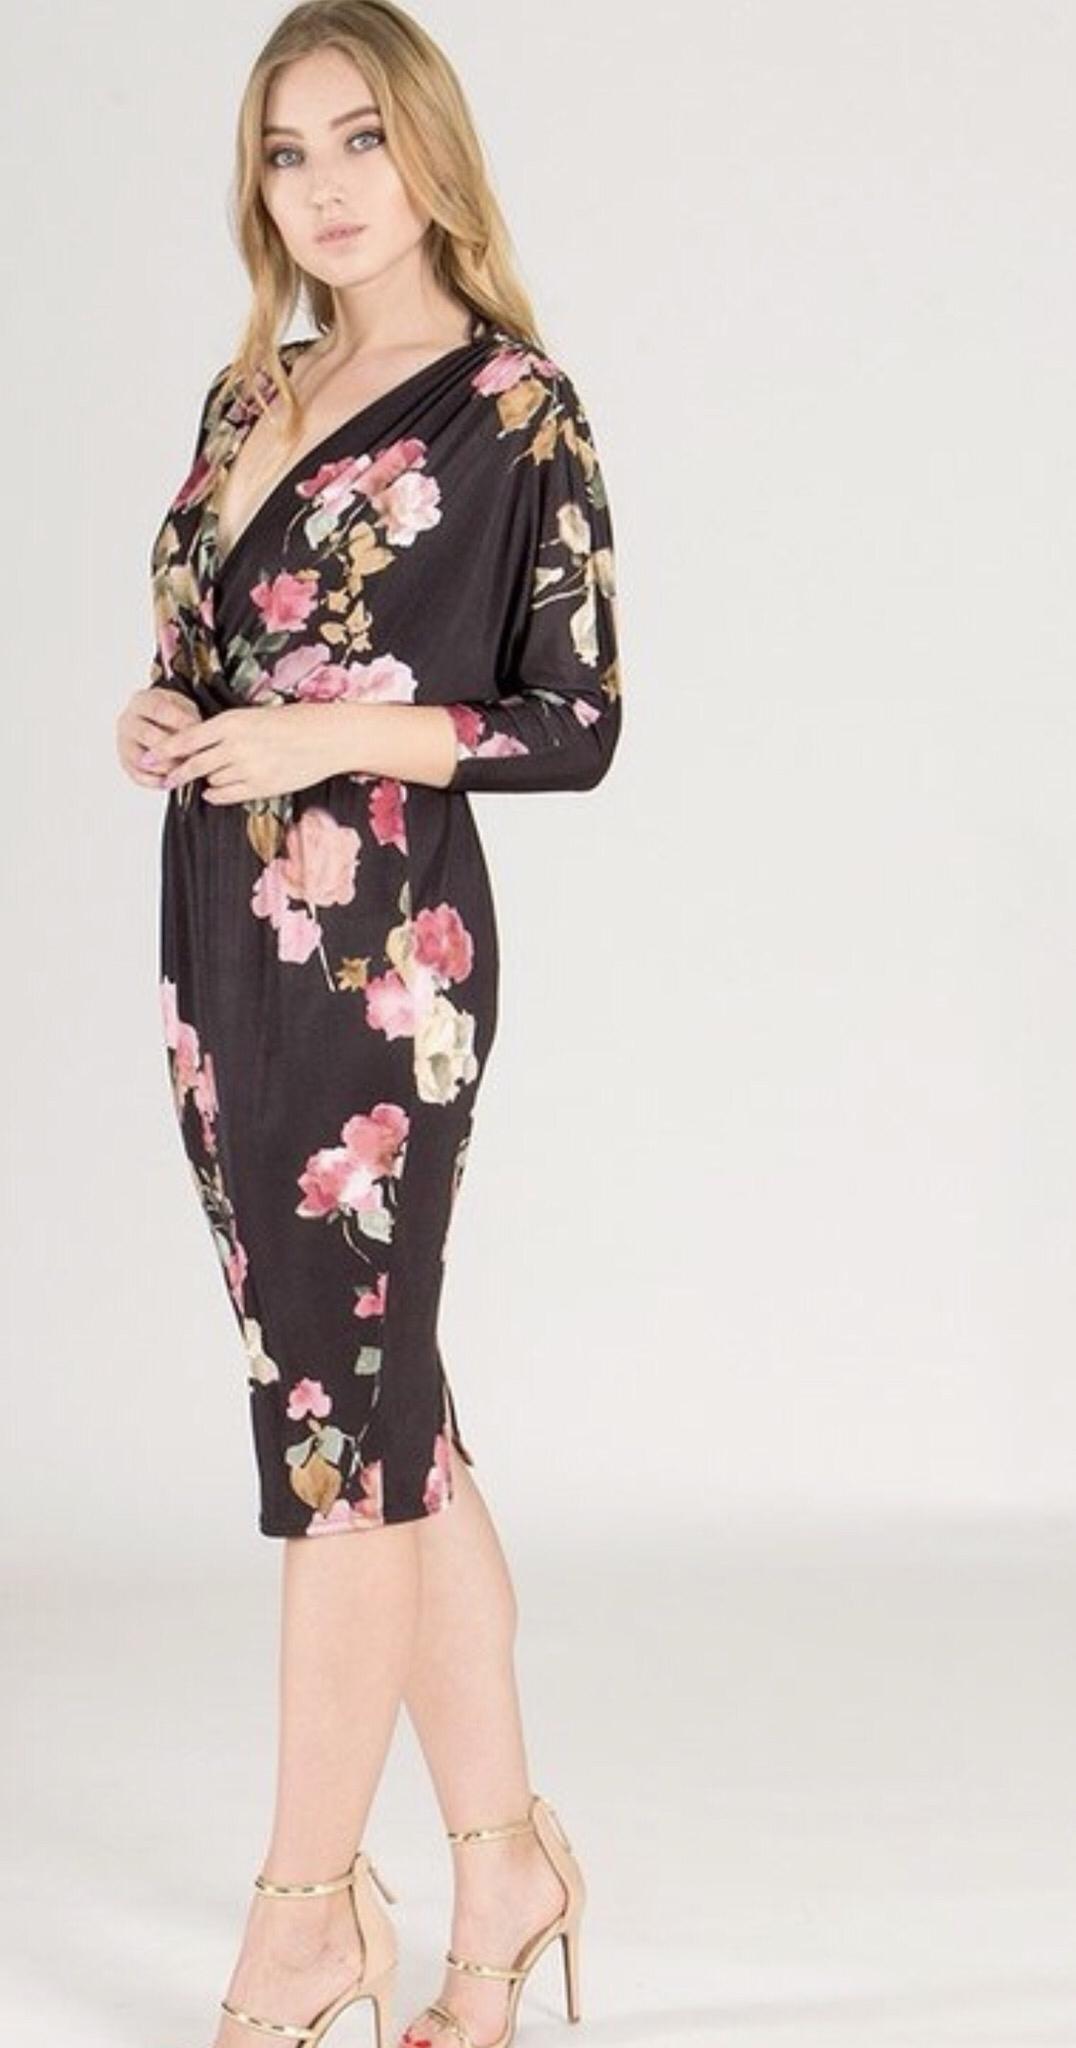 Bloomi Dress-Side